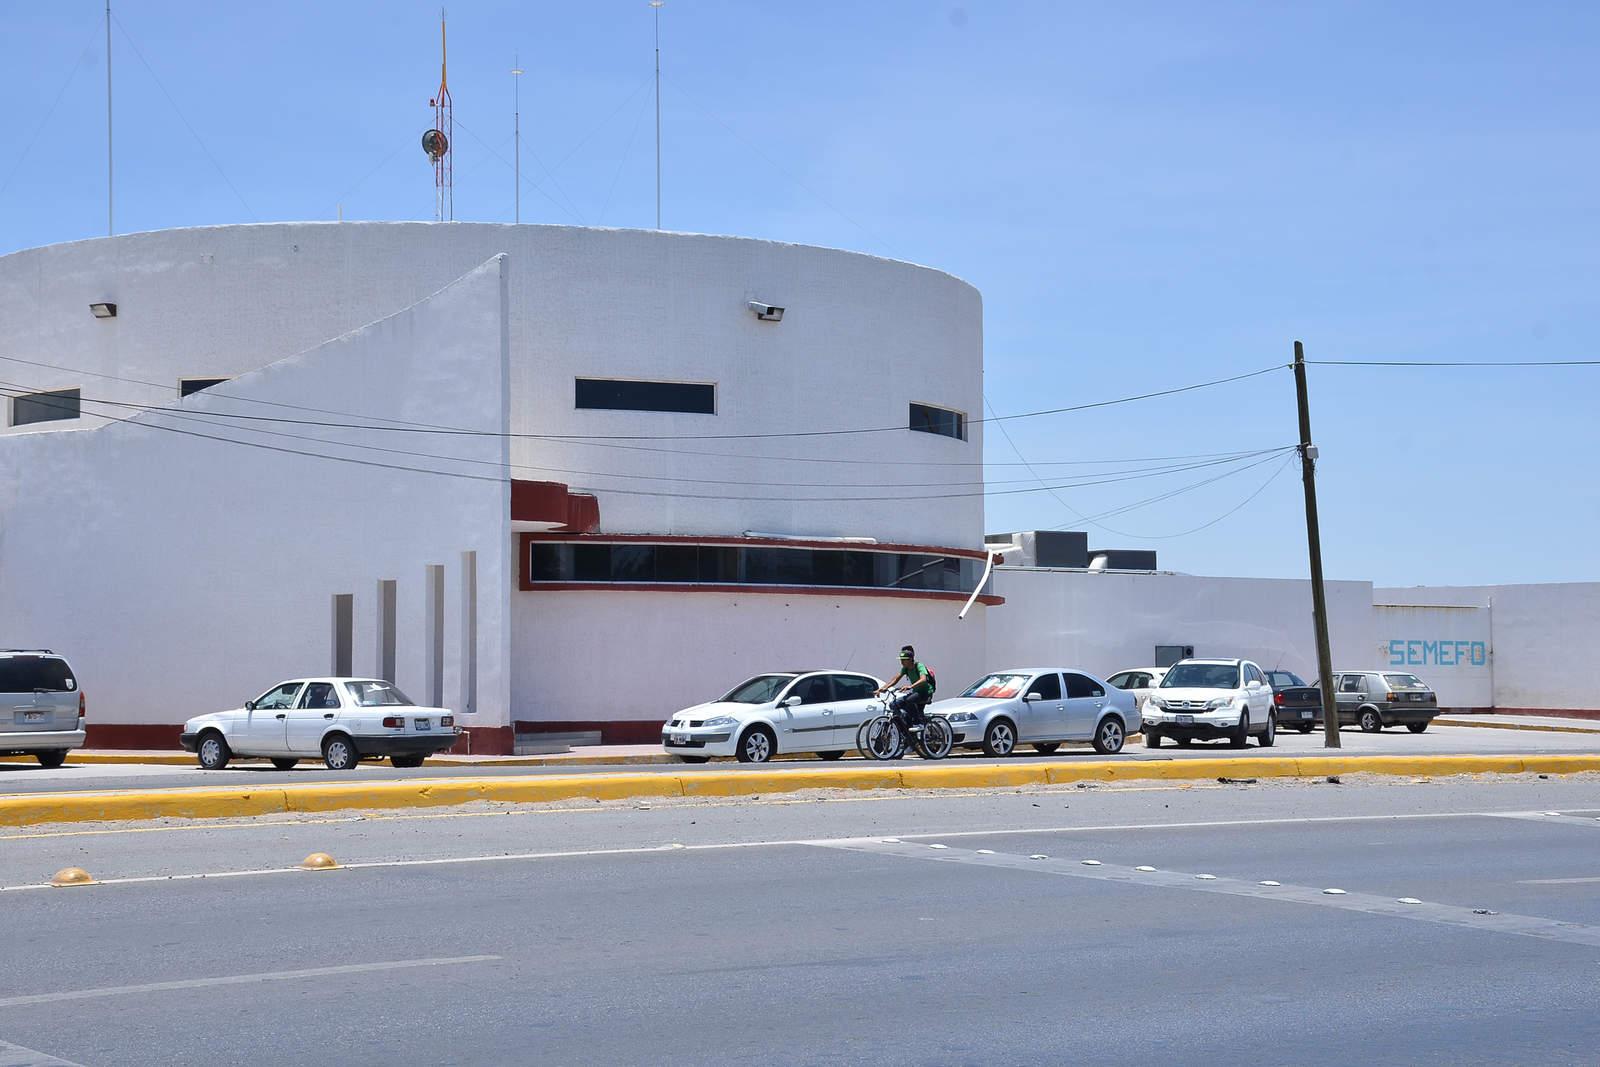 Joven de 26 años se quita la vida en su domicilio de Torreón